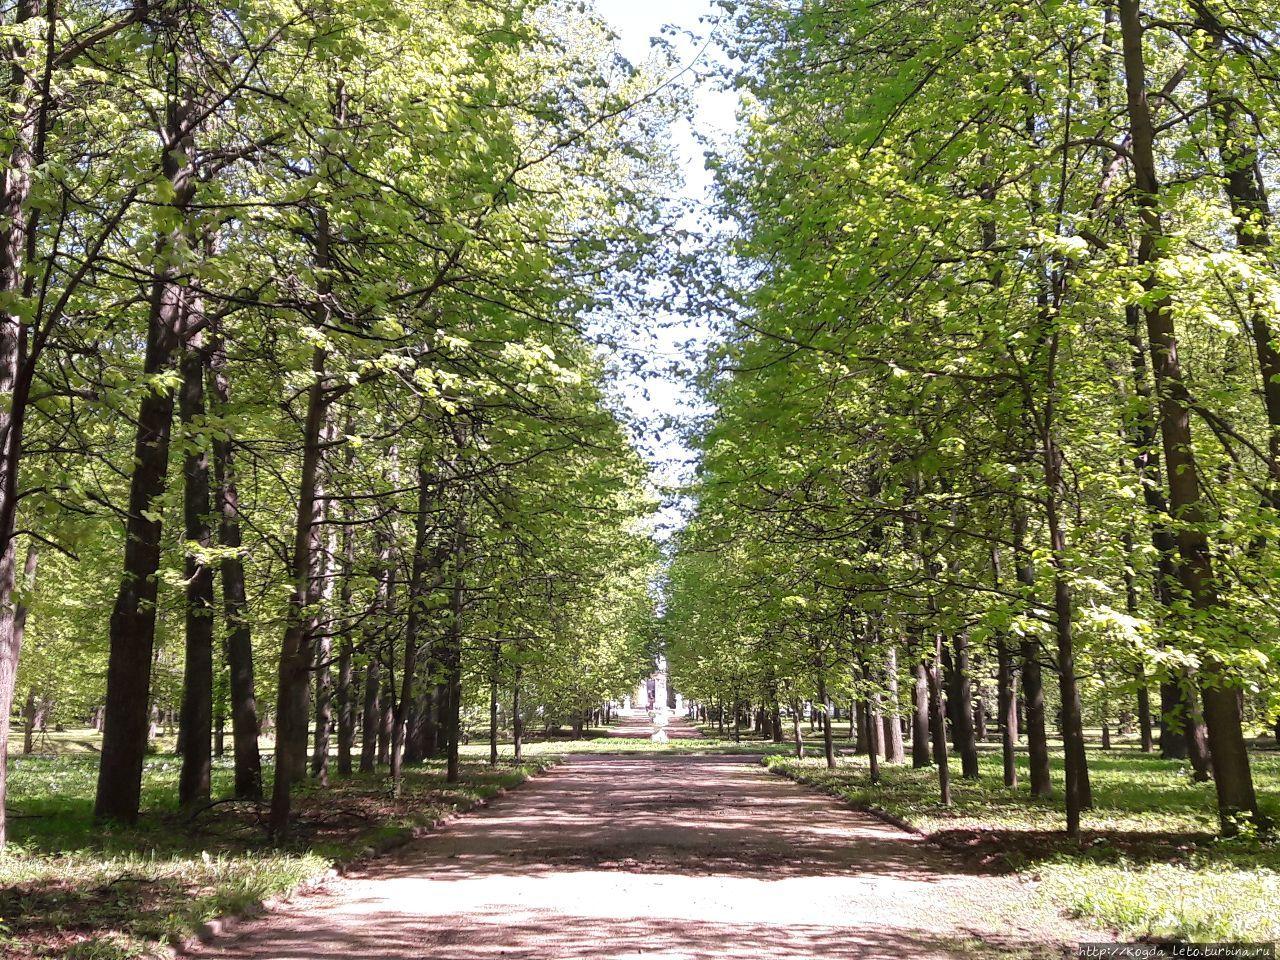 Усадьба Петровско-Разумовская. Москва, Россия